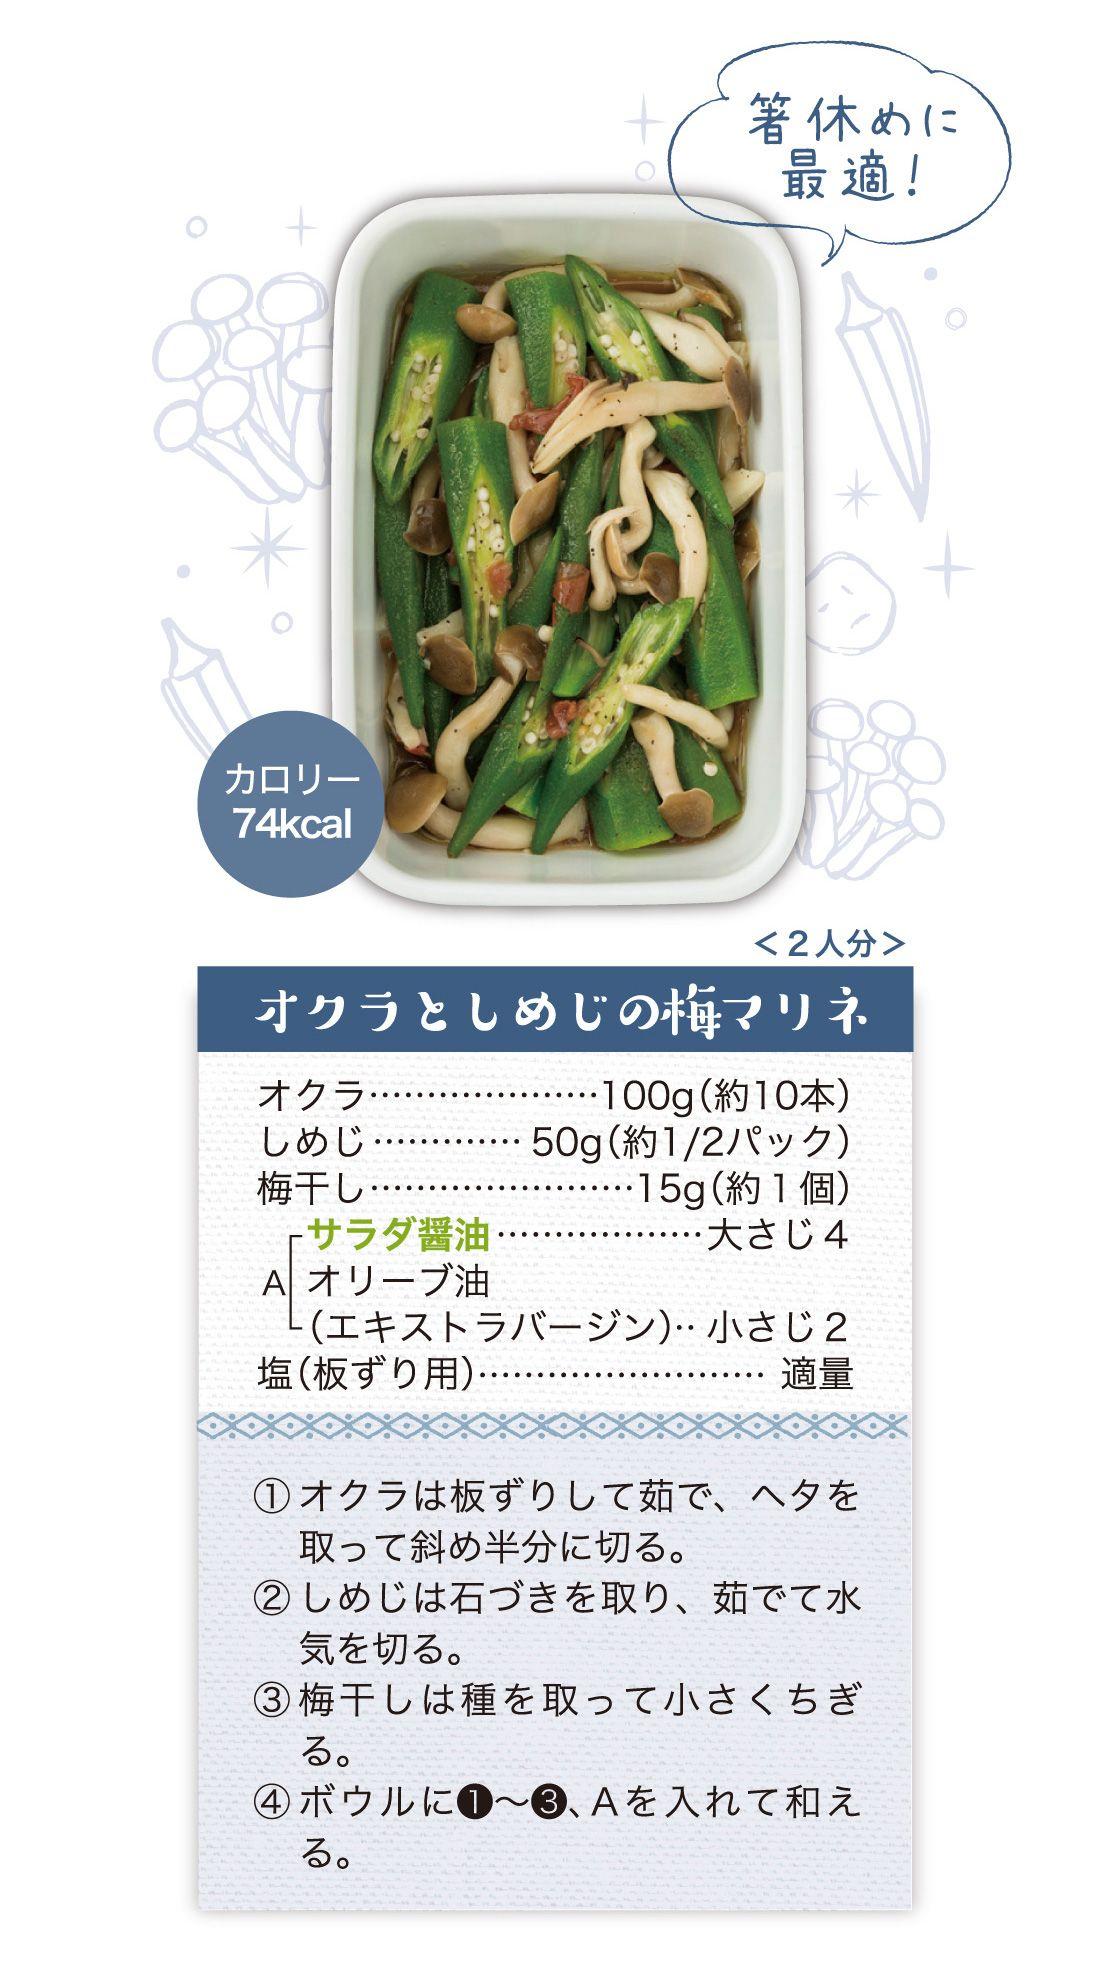 サラダ醤油でとことんマリネ(2)